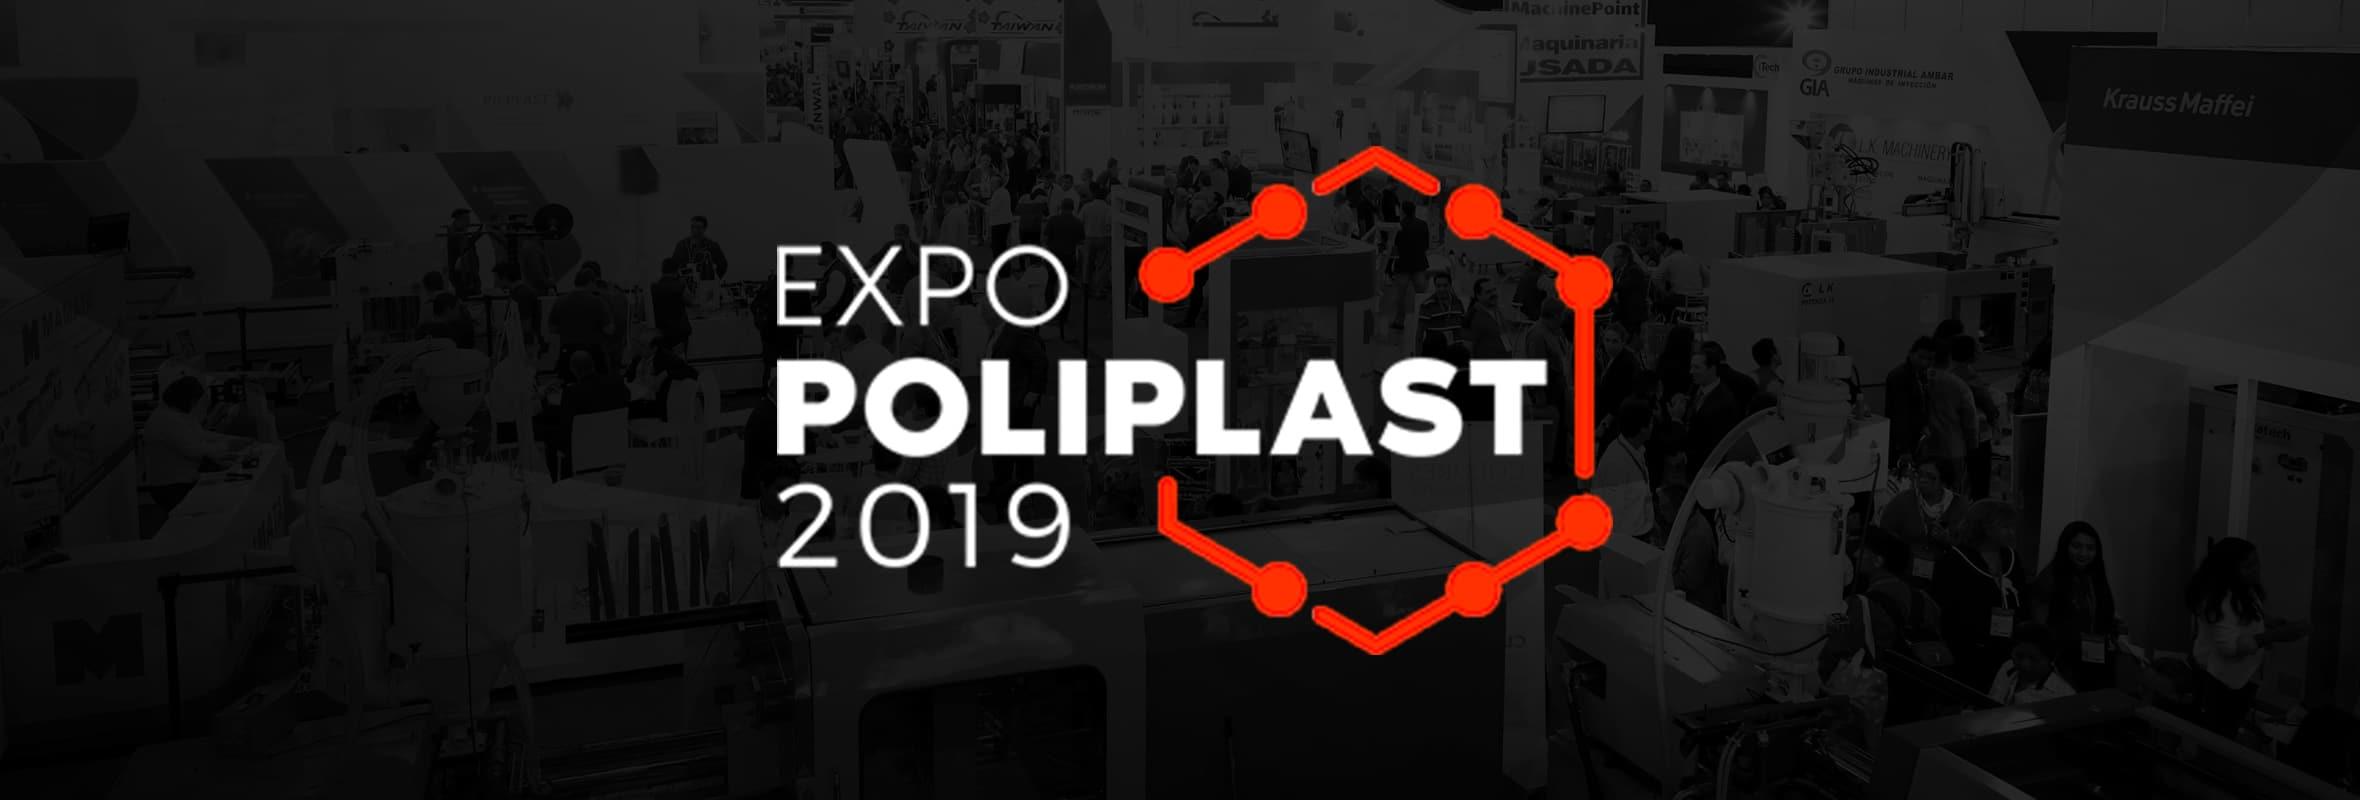 portada de blog sobre Expo Poliplast 2019 Privarsa